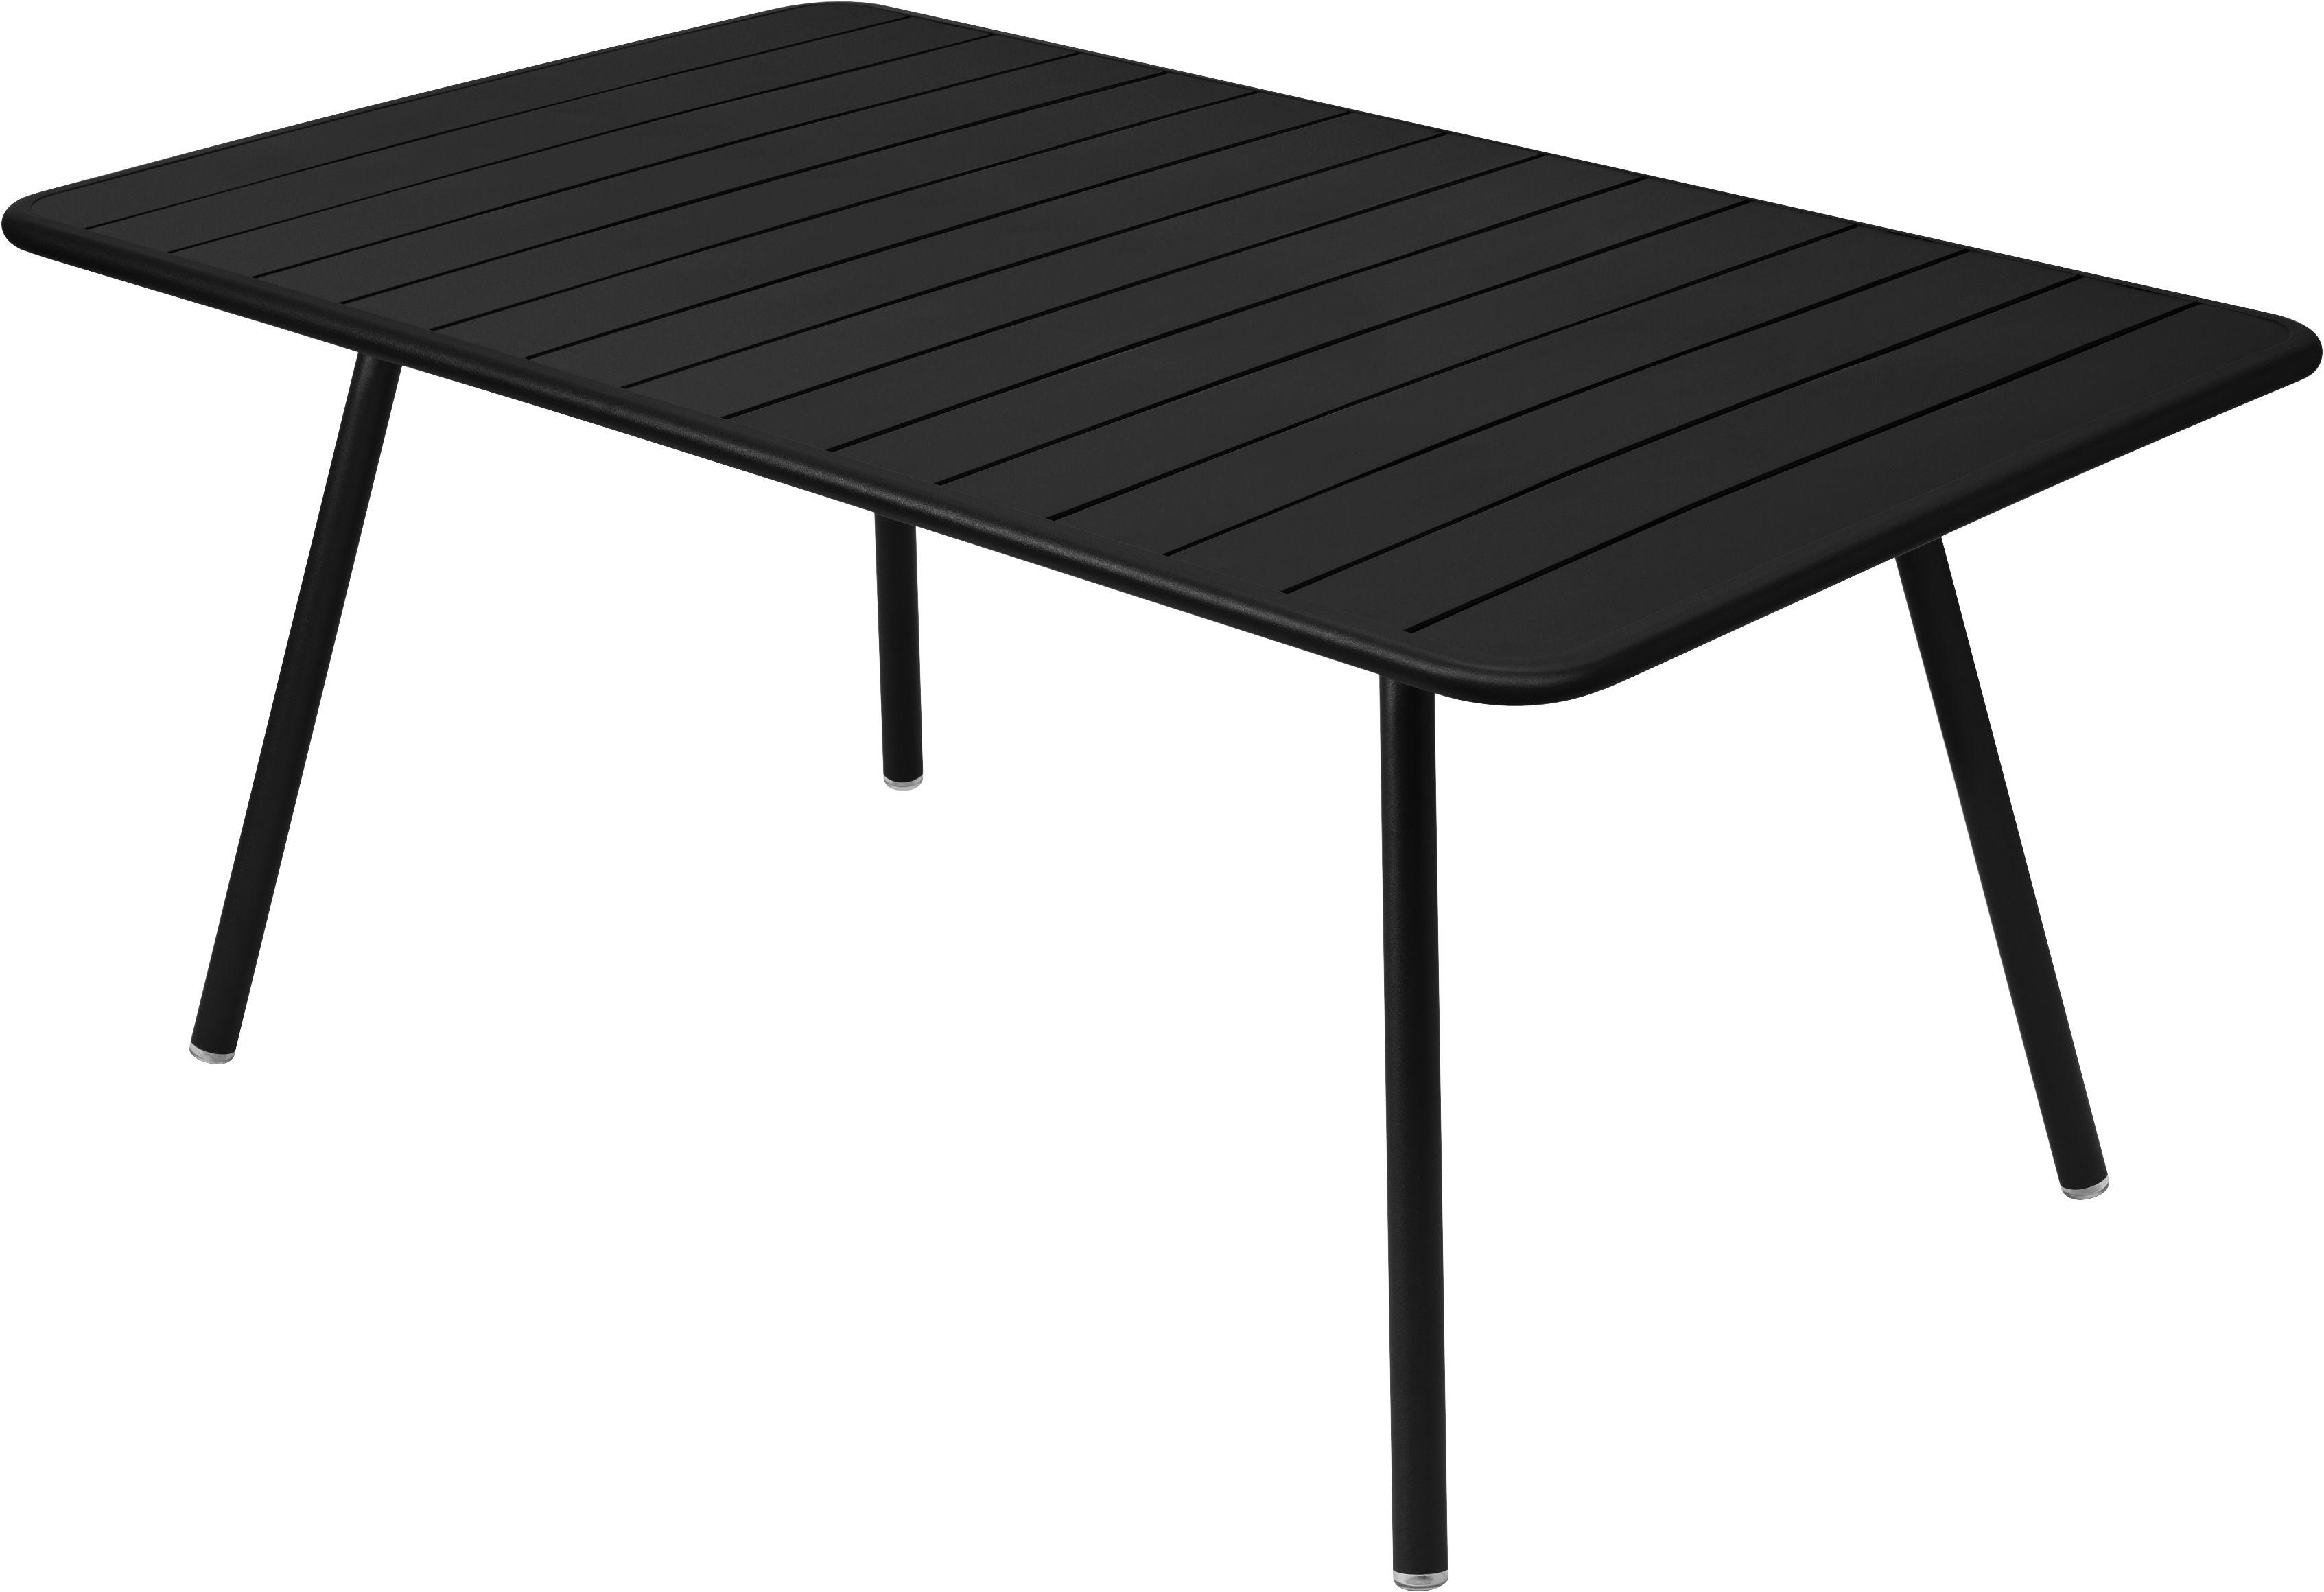 Jardin - Tables de jardin - Table Luxembourg / 6 à 8 personnes - 165 x 100 cm - Fermob - Réglisse - Aluminium laqué